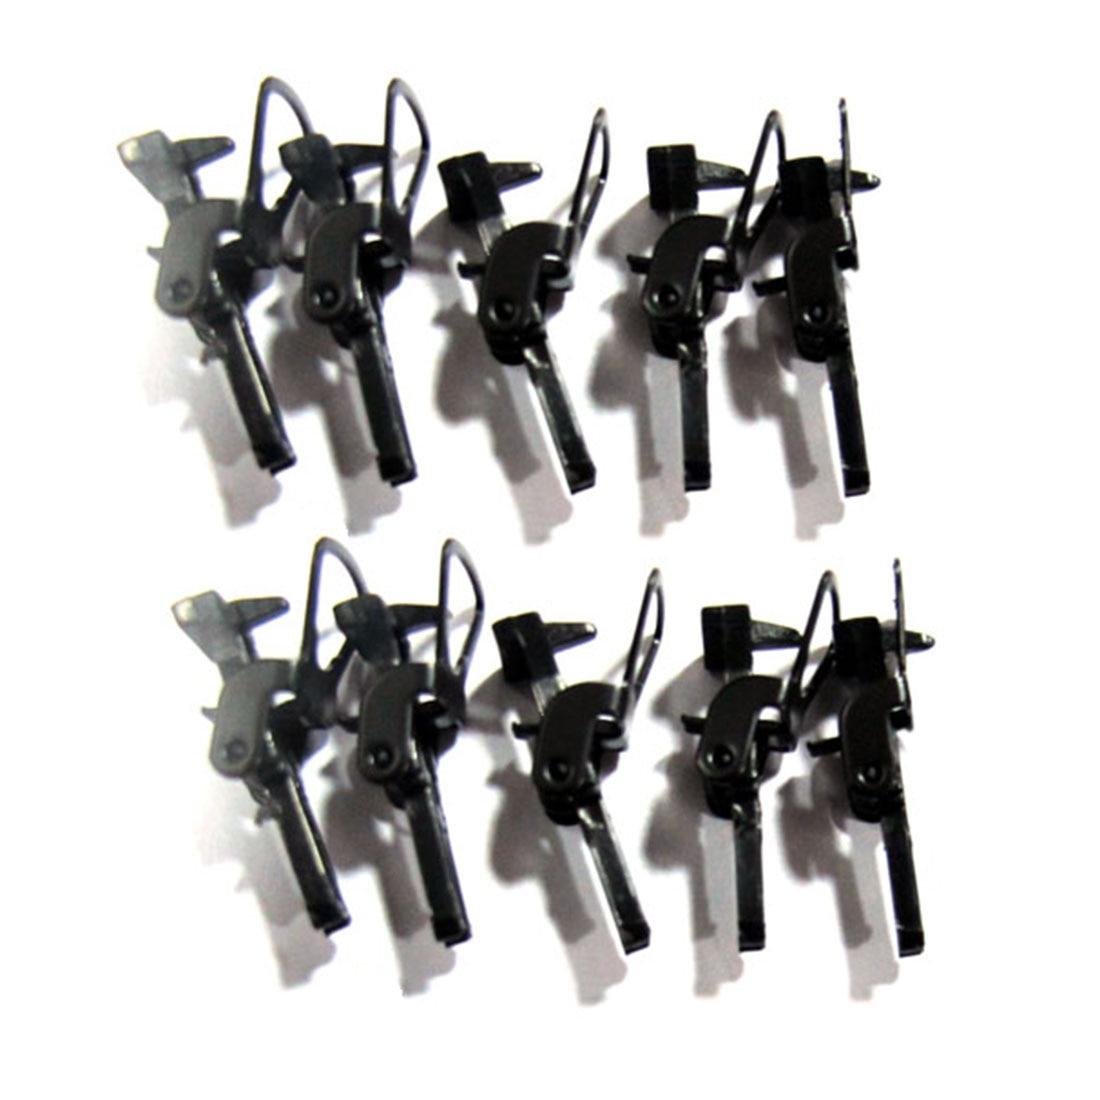 10 шт./компл. 1:87 в масштабе HO, соединительные крючки, песочные настольные украшения для моделирования, строительные комплекты, черные